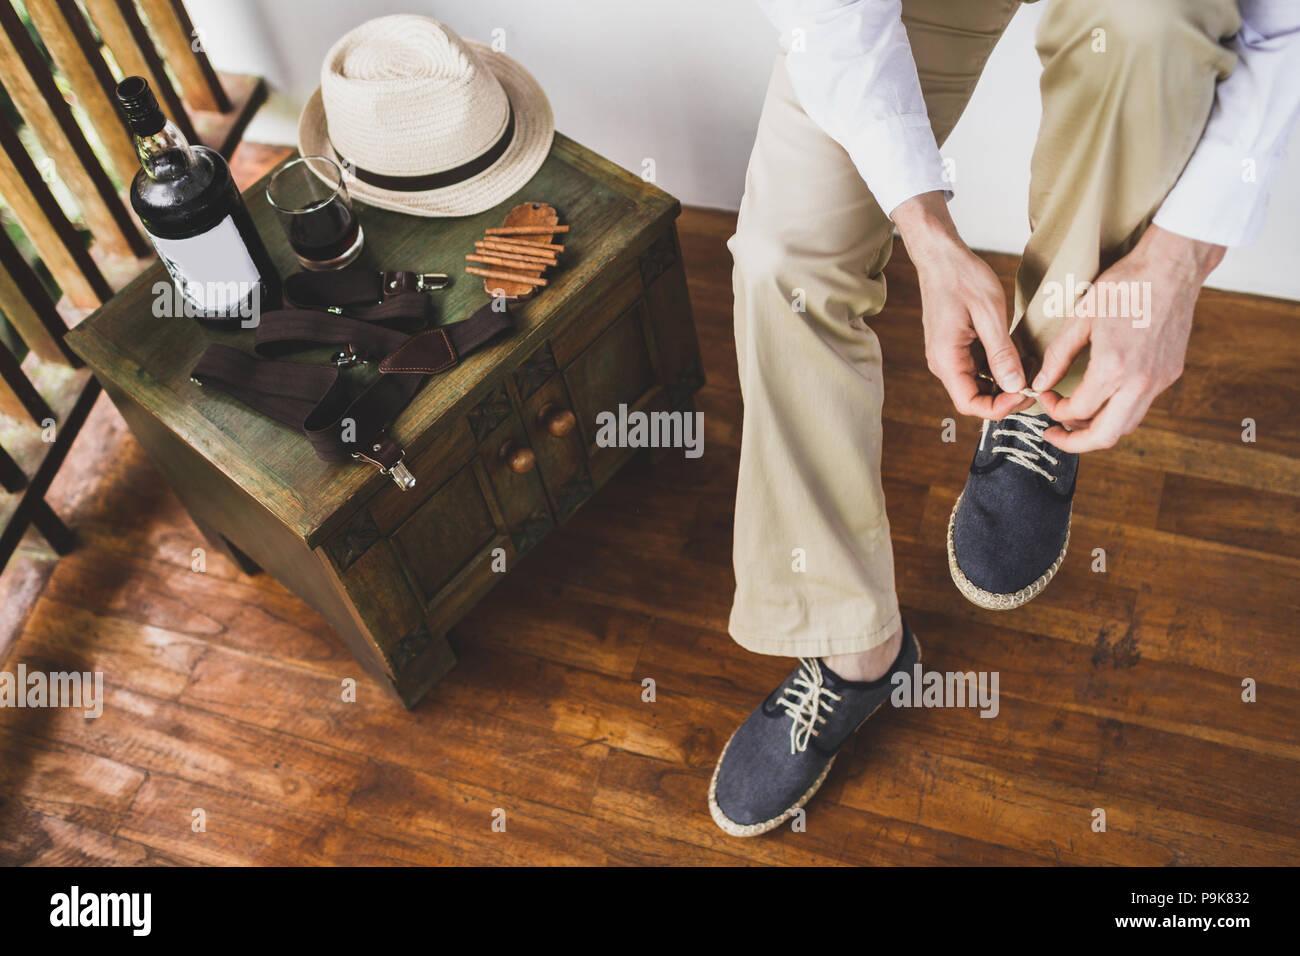 566da8246c403d Blaue Schuhe Stockfotos   Blaue Schuhe Bilder - Alamy